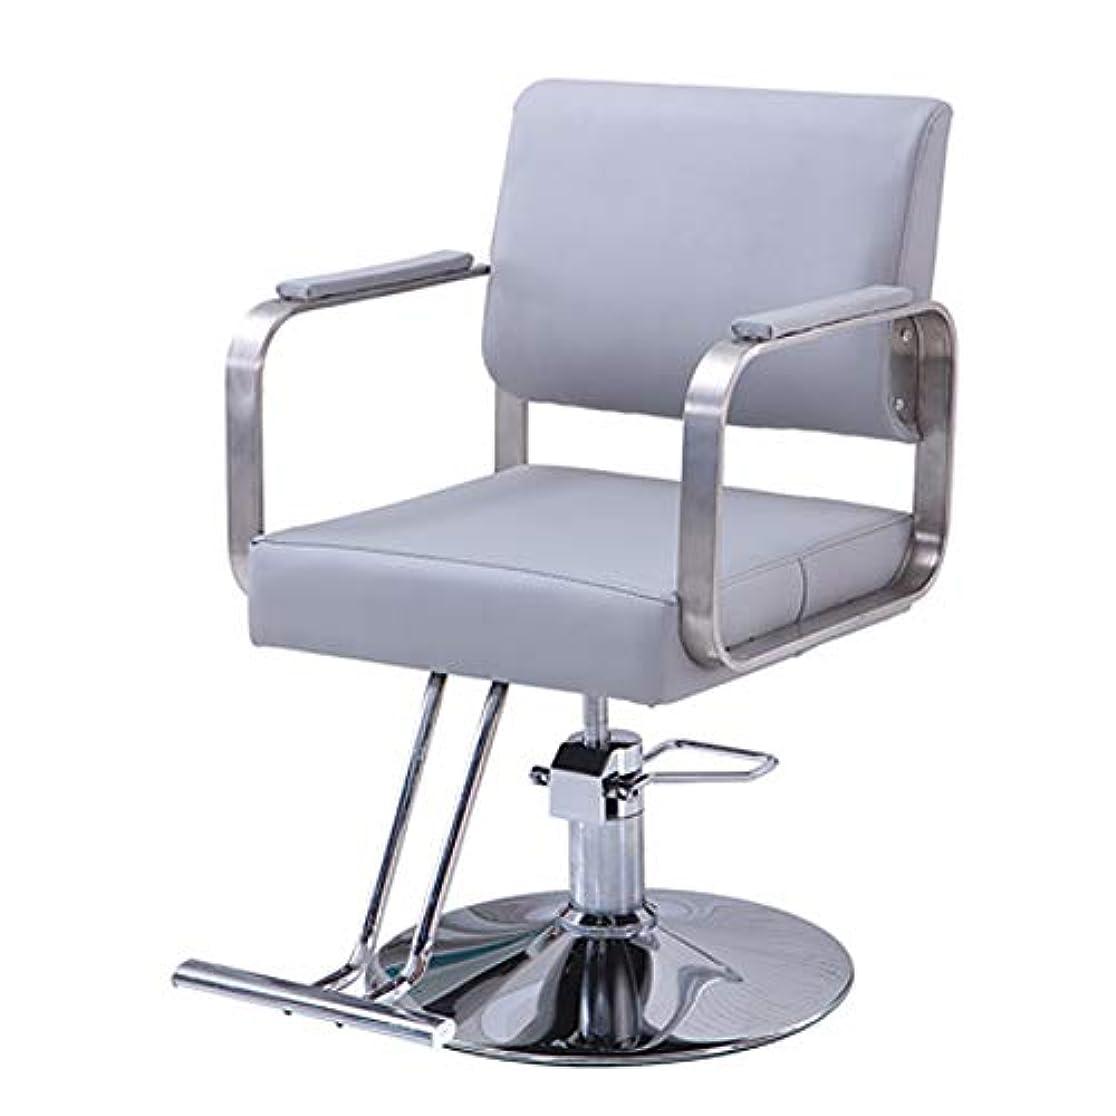 接続されたレベルエコーサロンスタイリングチェア、理髪アームチェア、ヘビーデューティービューティーサロン理容回転チェア、スタイリストチェア、ヘアカットプロフェッショナルサロン機器